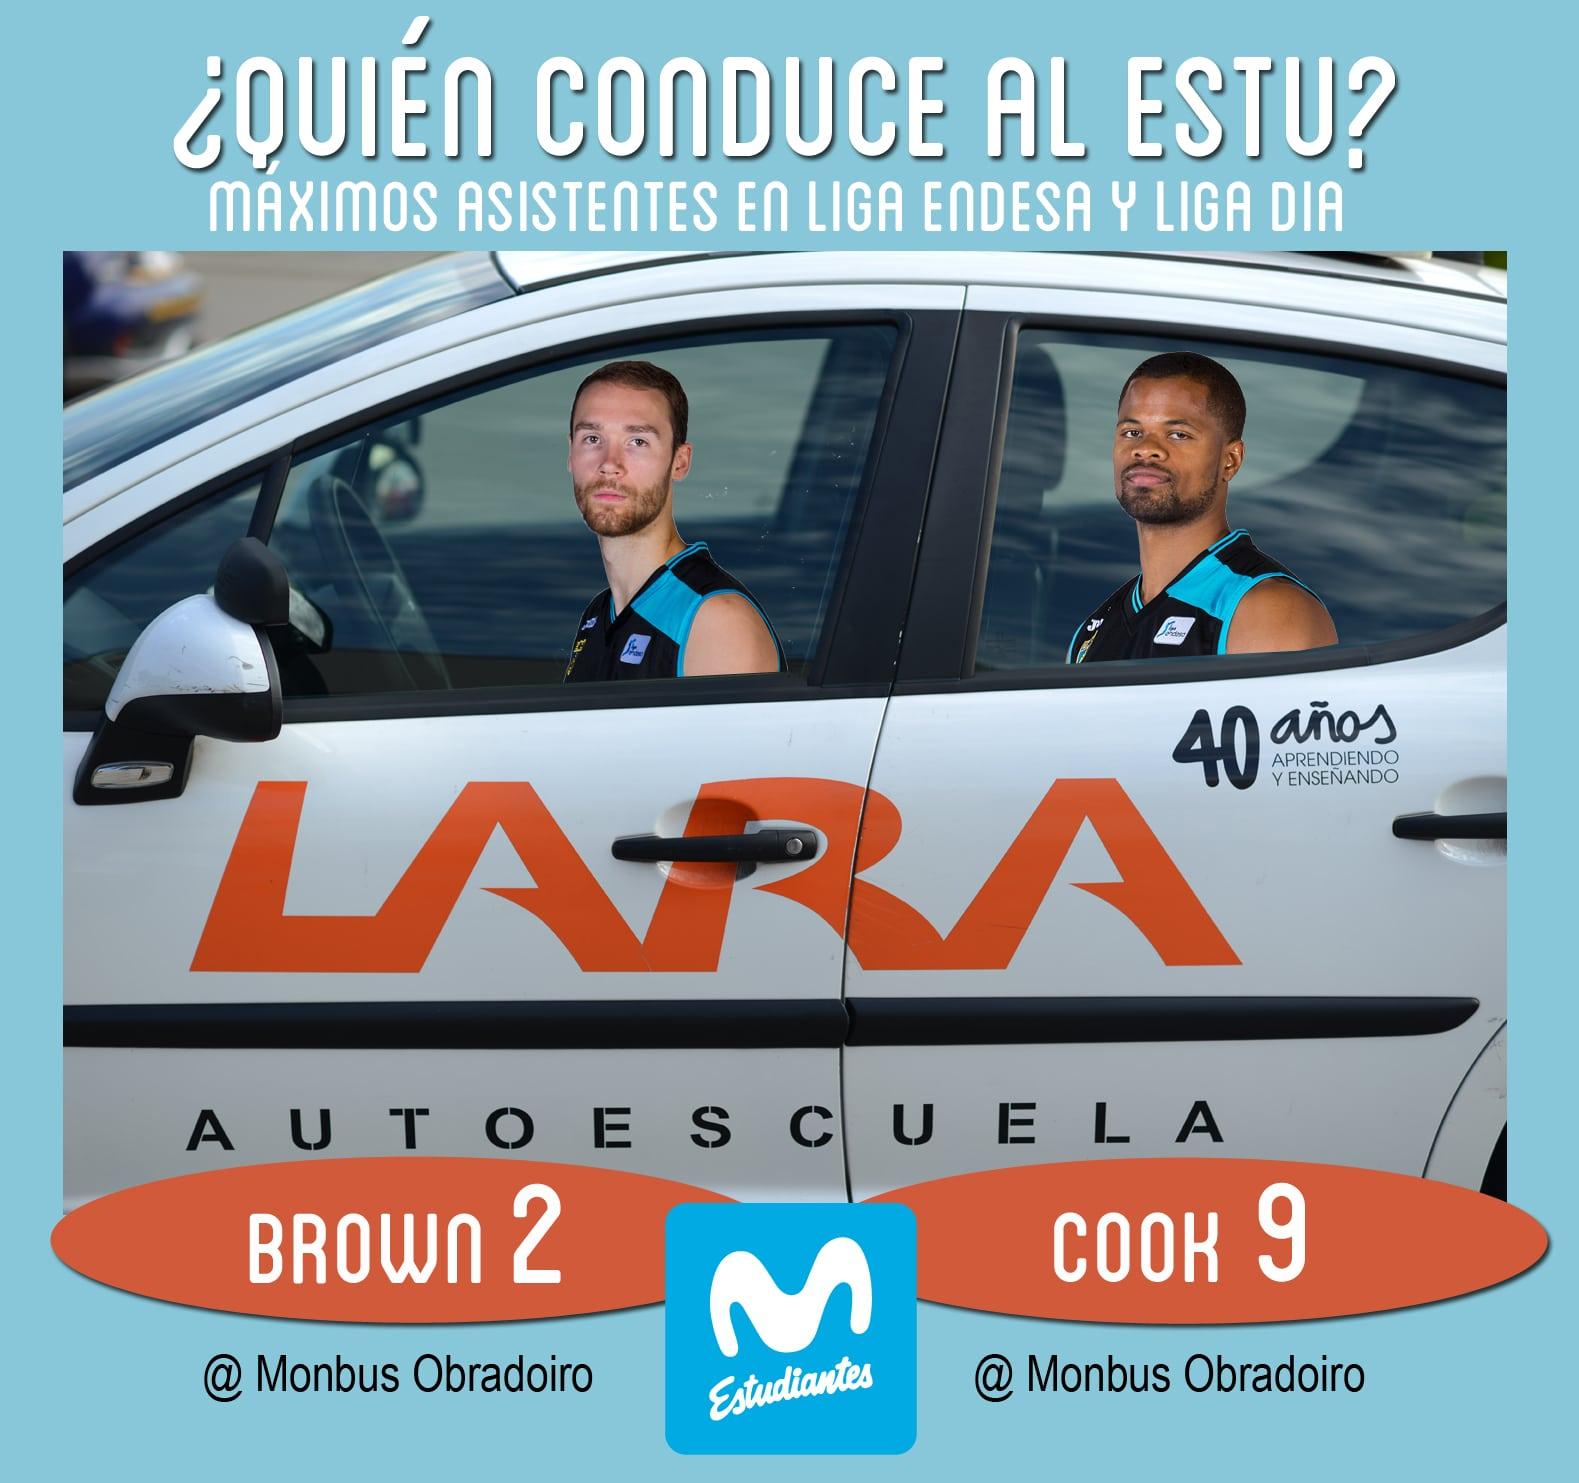 Conductores Autoescuela Lara: Omar Cook y Alec Brown